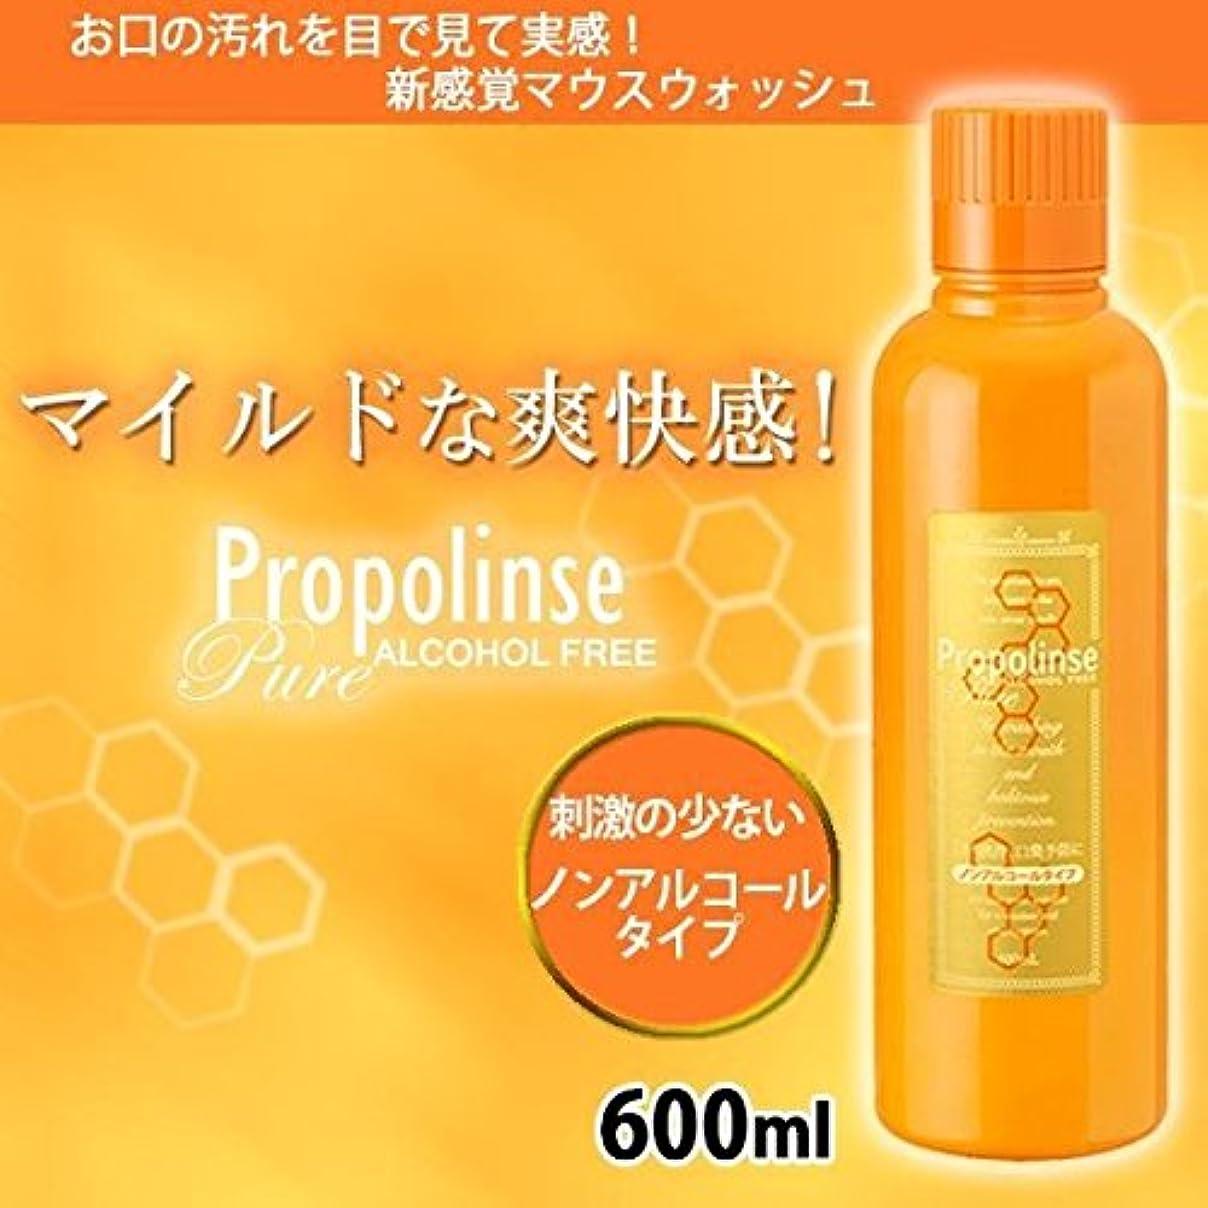 組立強制適応プロポリンス ピュア (ノンアルコール マウスウォッシュ) 600ml